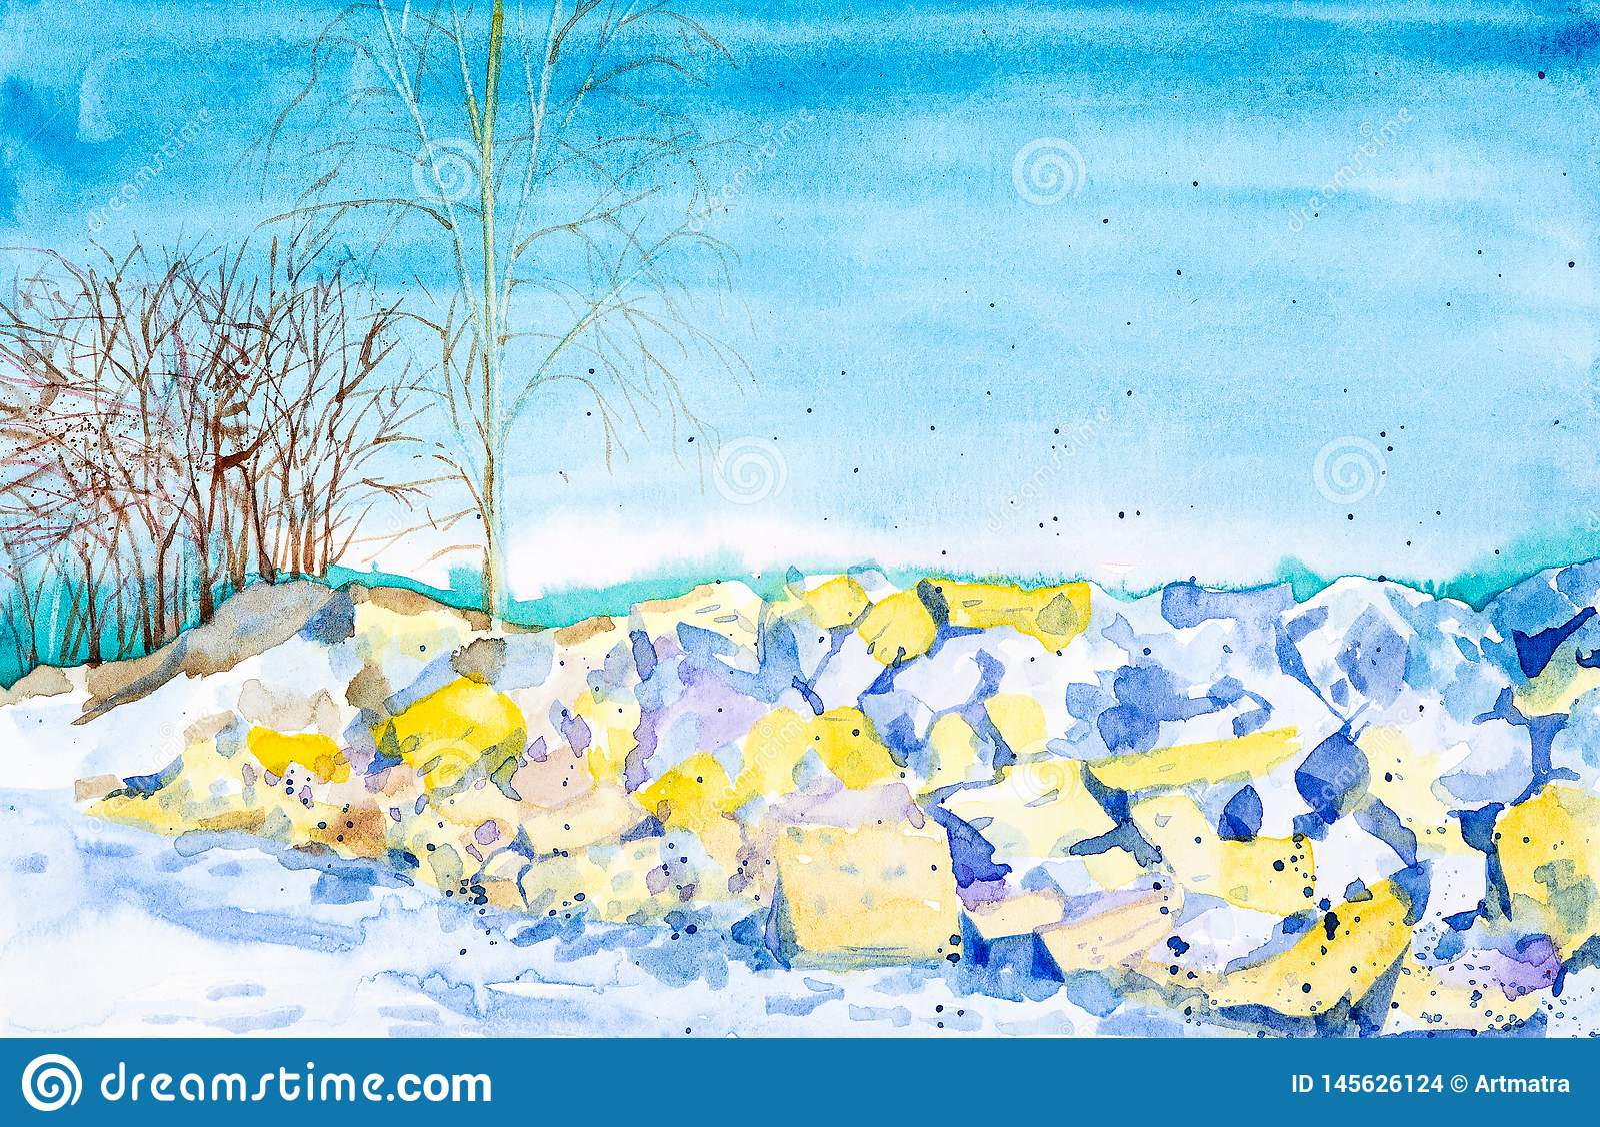 ?nieg topi na ska?ach w wio?nie w?r?d drzew i lesie w tle Akwareli ilustracja odizolowywaj?ca na bielu